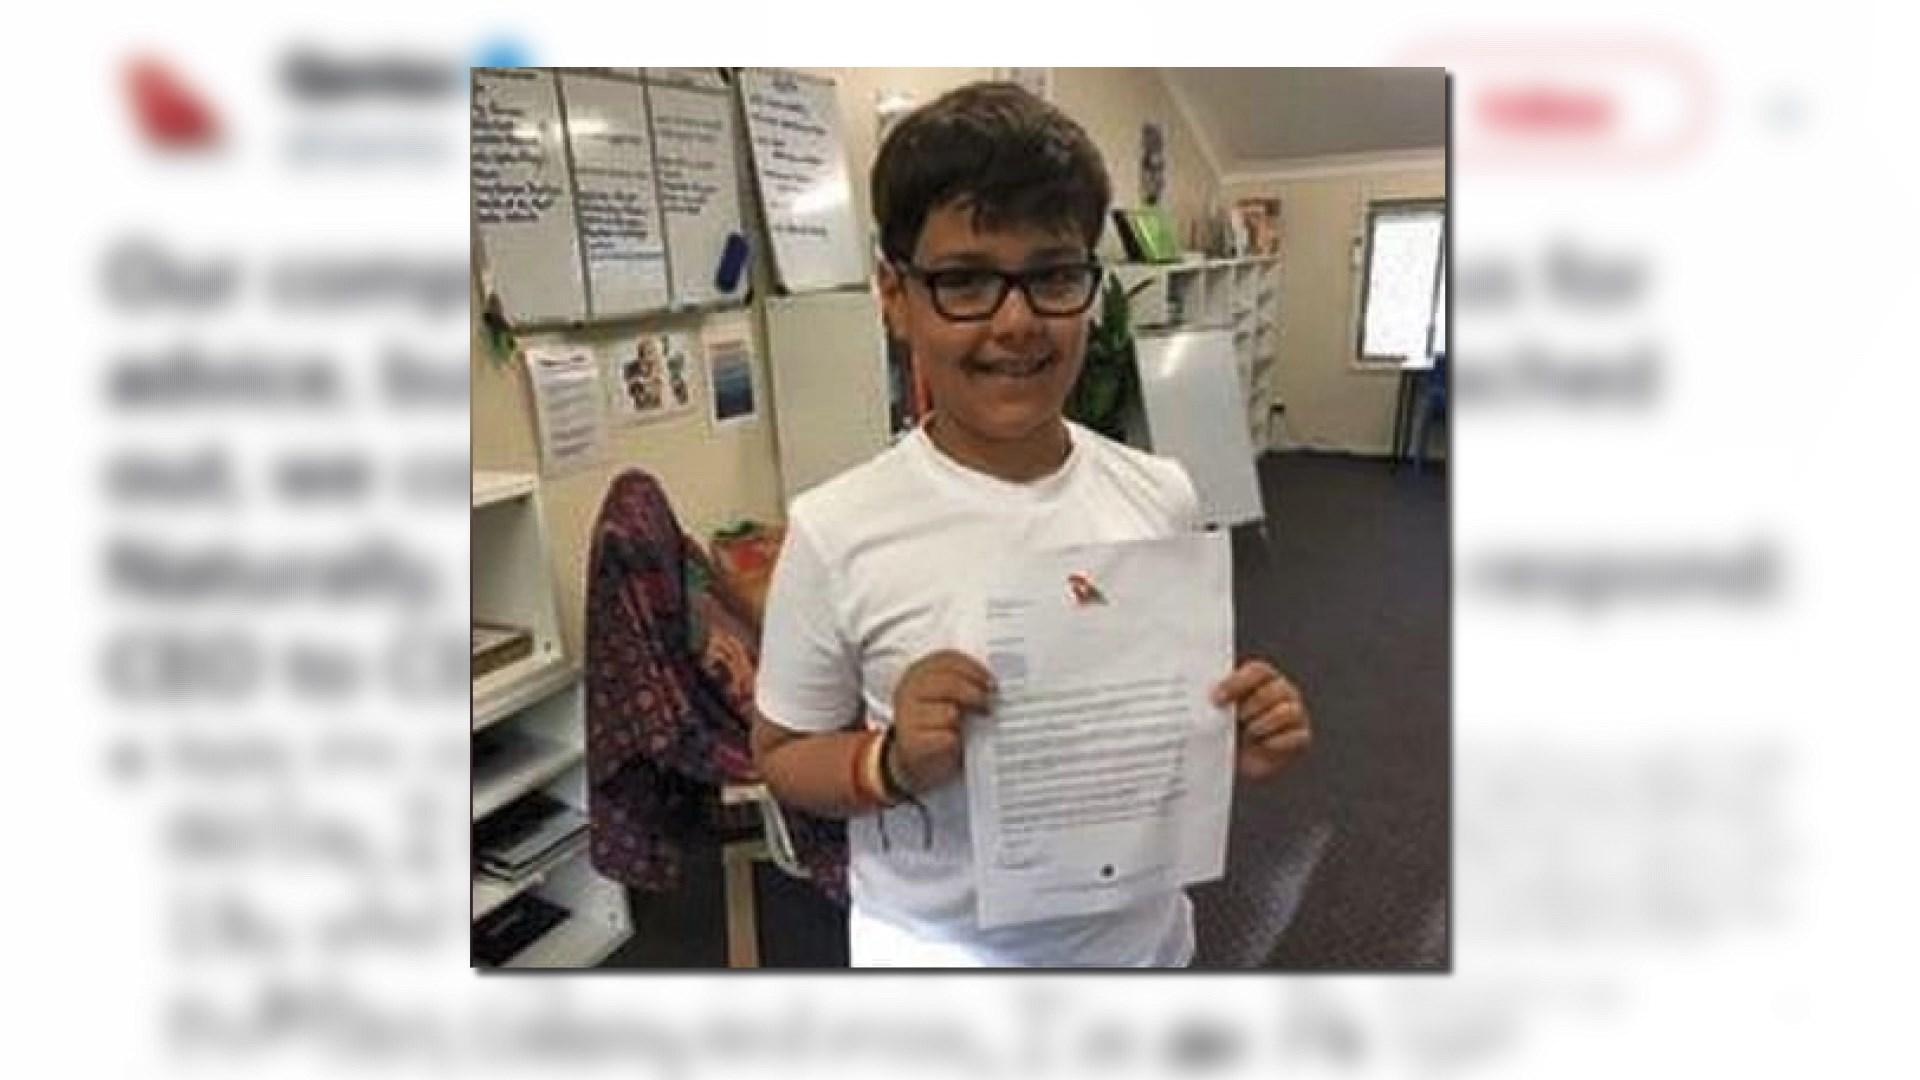 【環球薈報】男童去信澳航行政總裁問創業之道